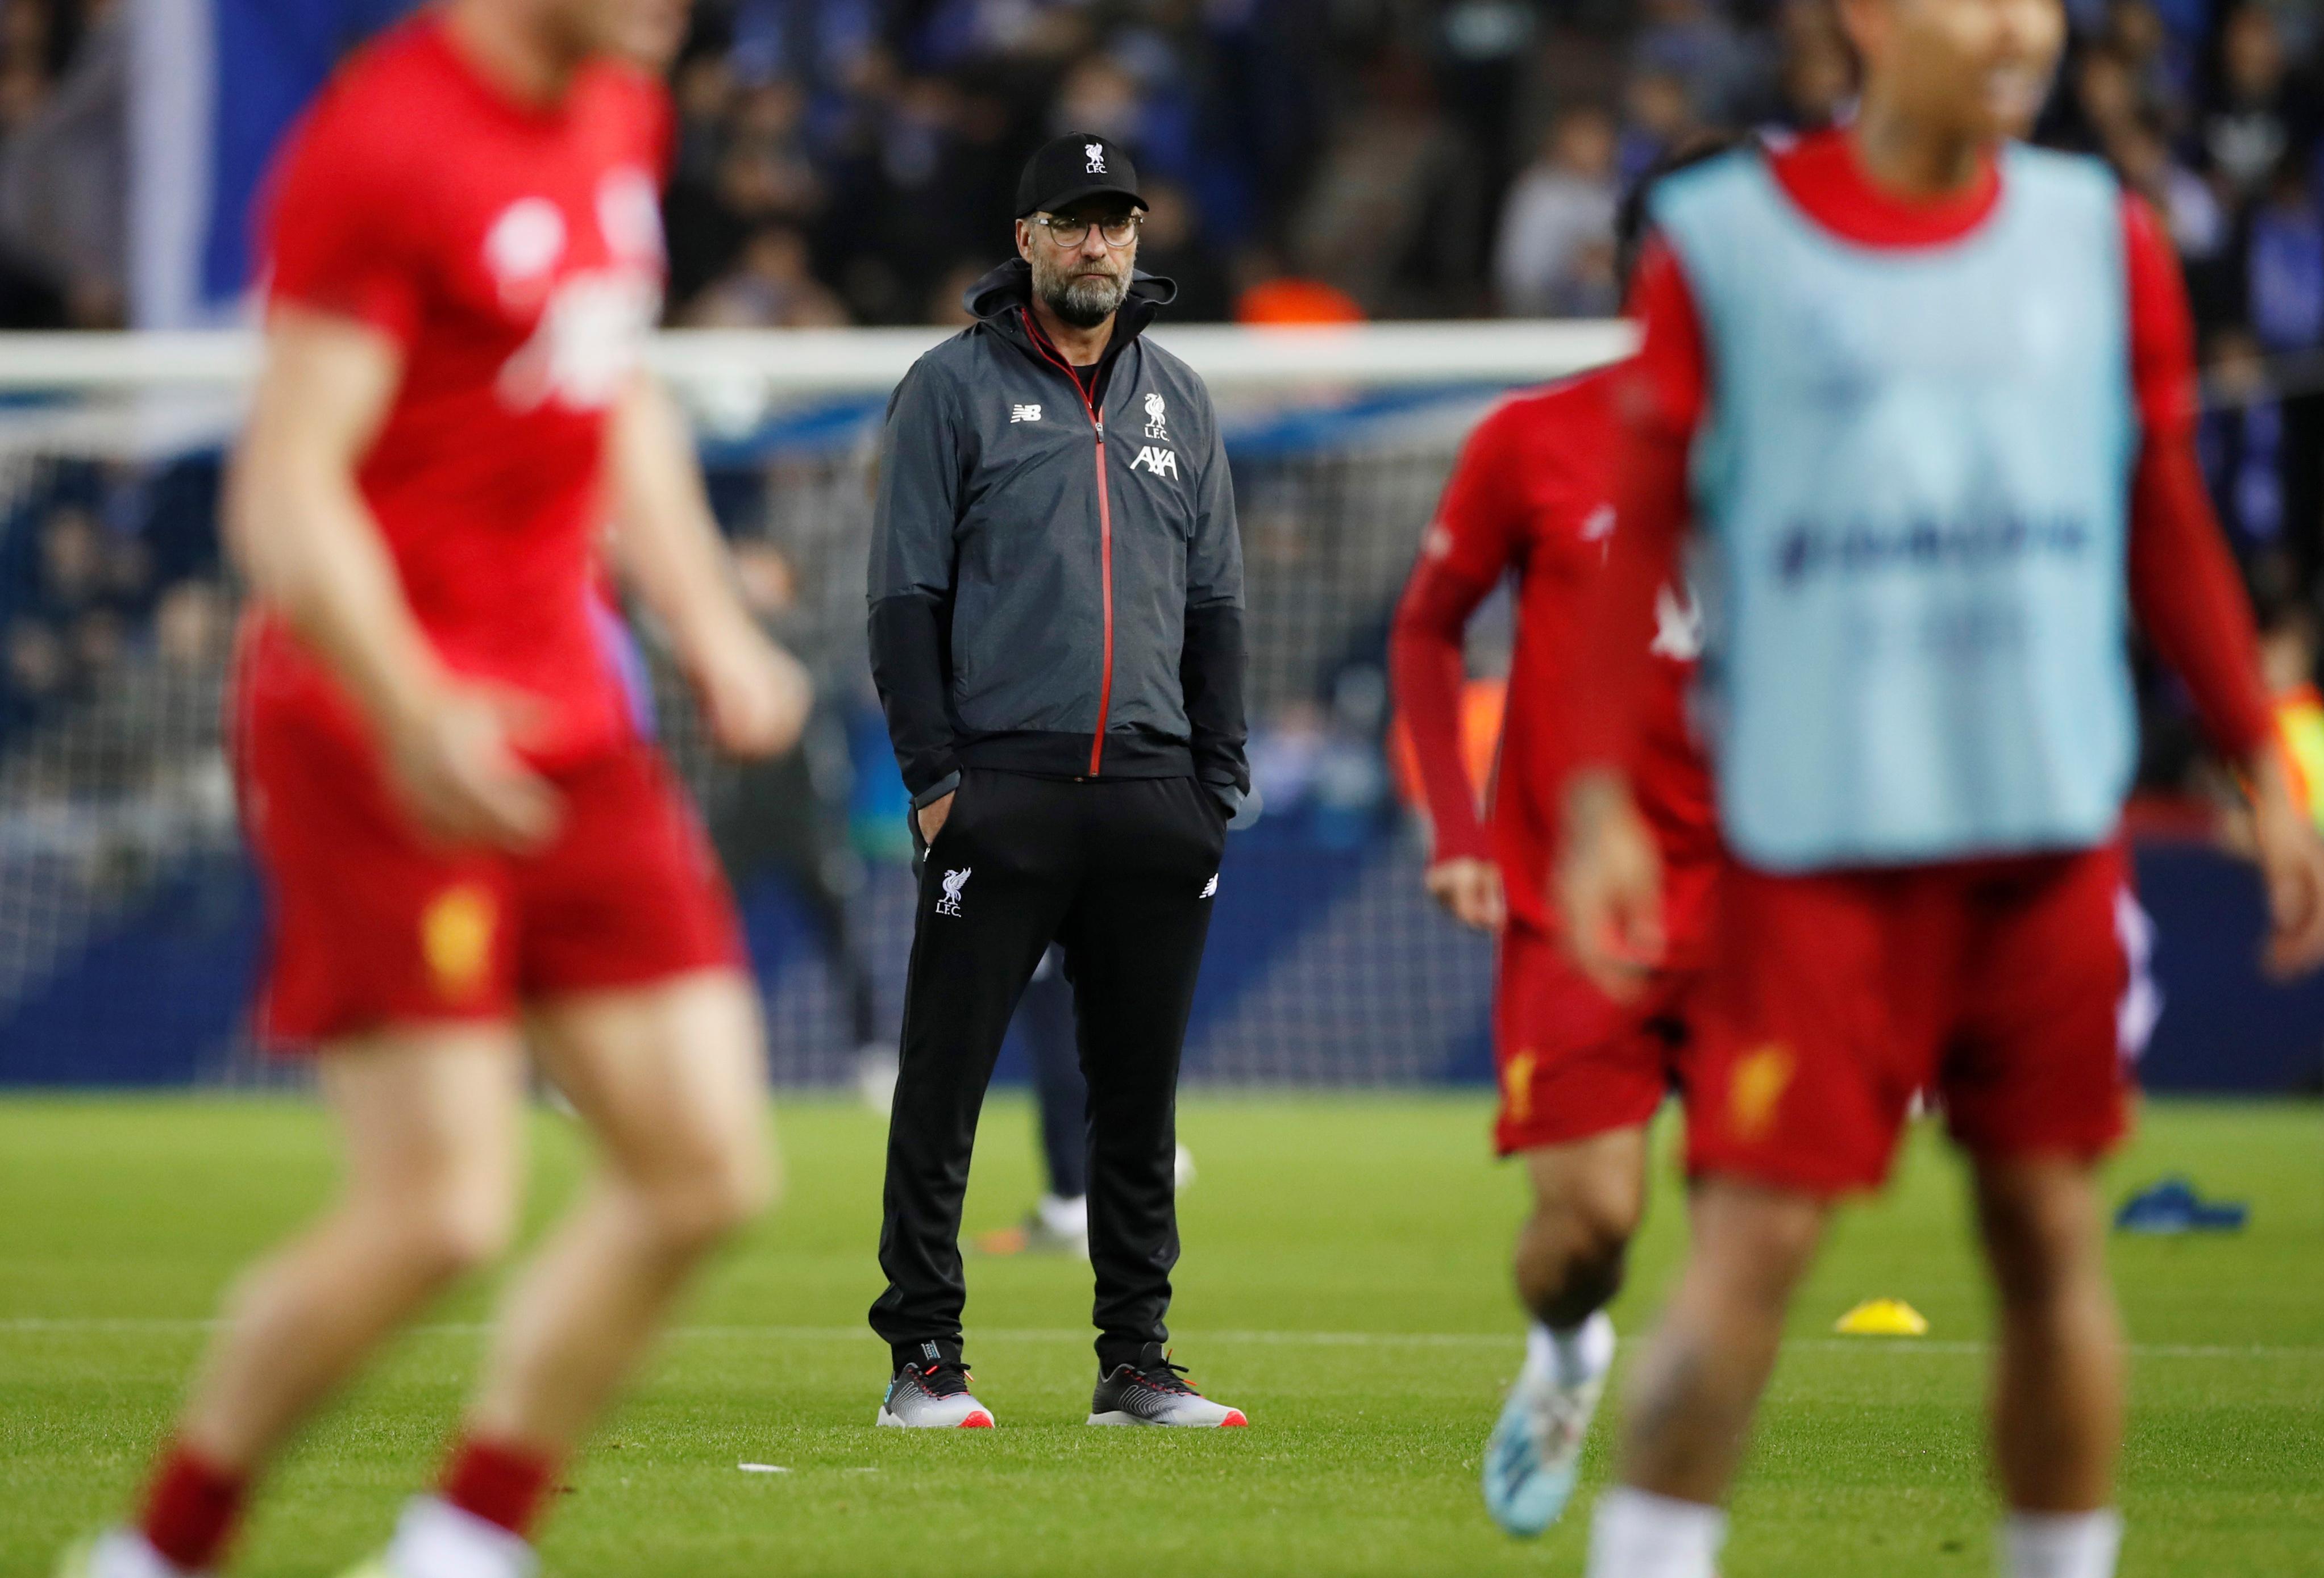 Liverpool end away jinx but Klopp didn't enjoy win in Genk